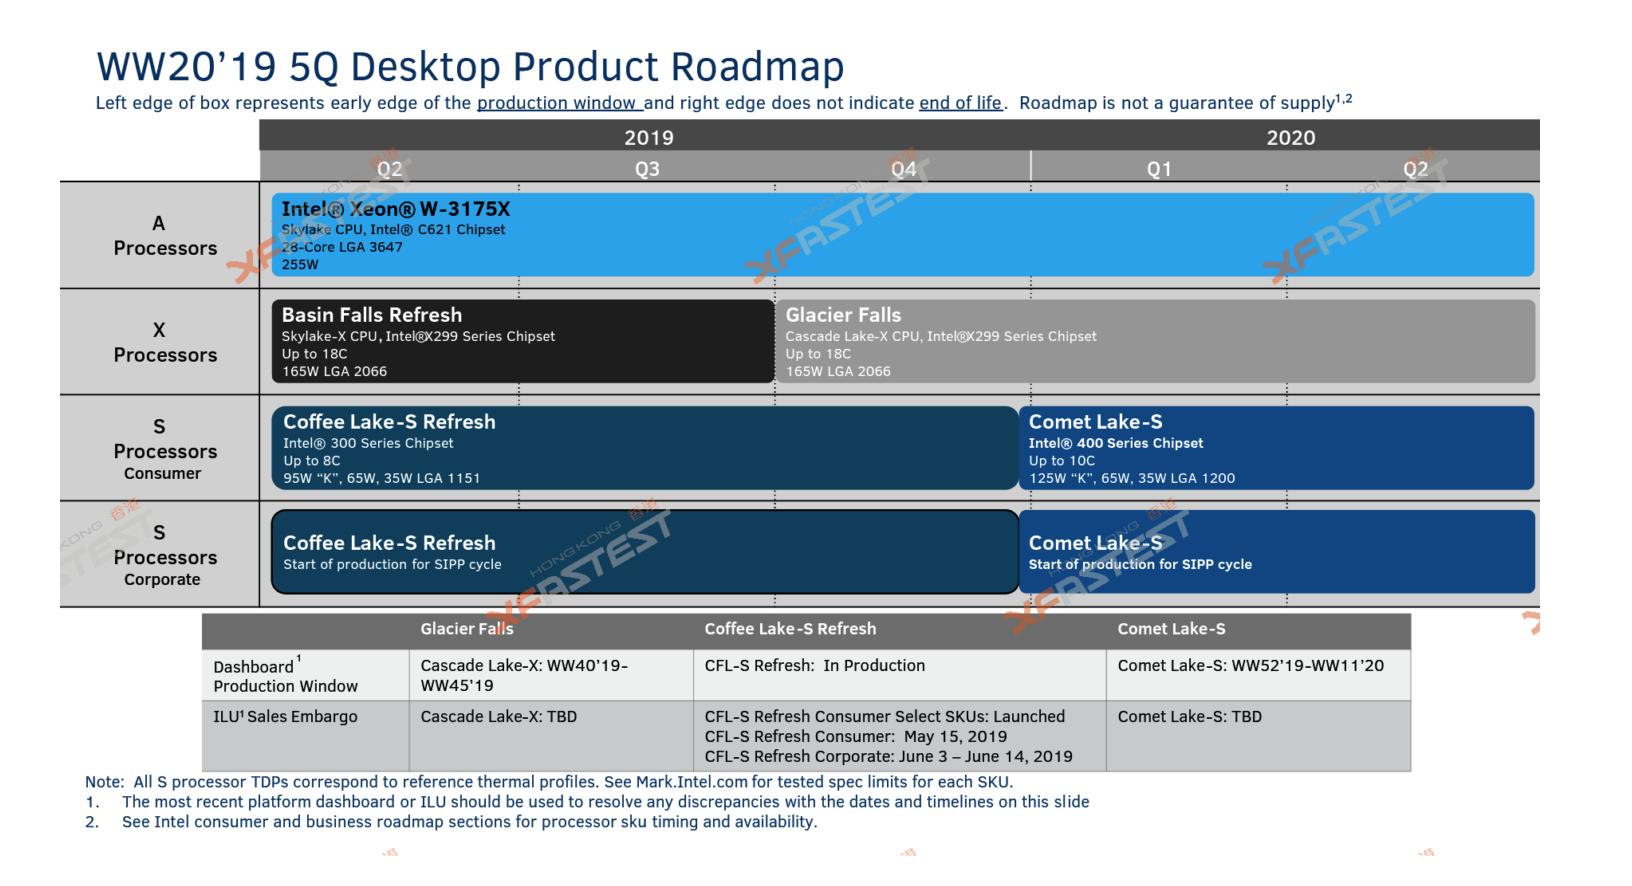 Настольные процессоры Intel 10-го поколения Comet Lake-S с